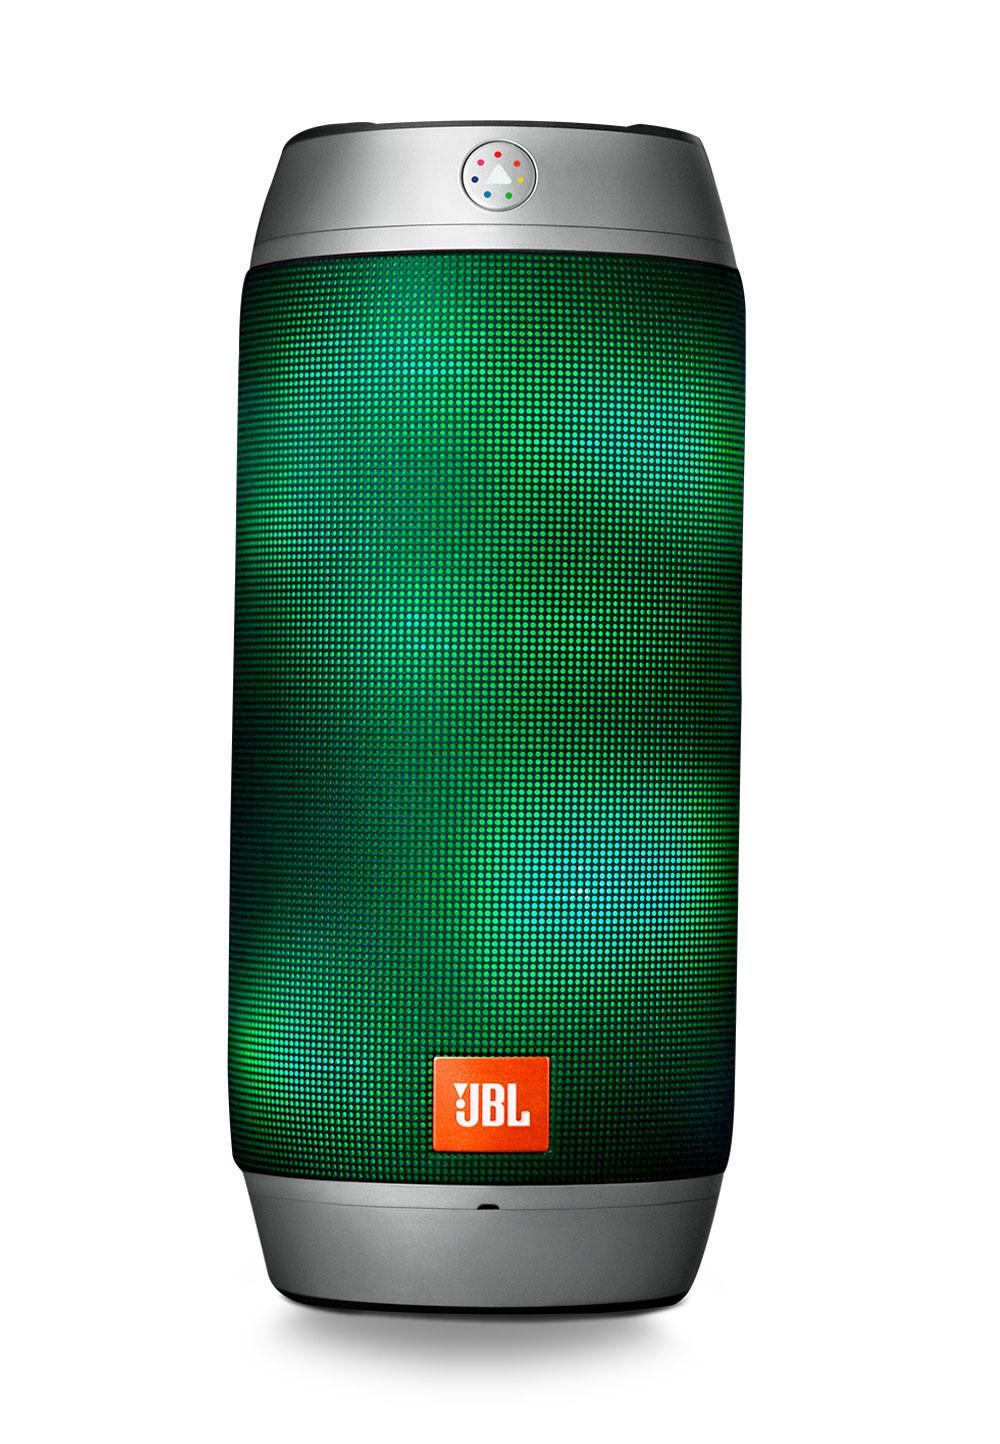 [brands4friends] JBL Pulse schwarz und silber für 125,90€, als Neukunde 110,90 Euro